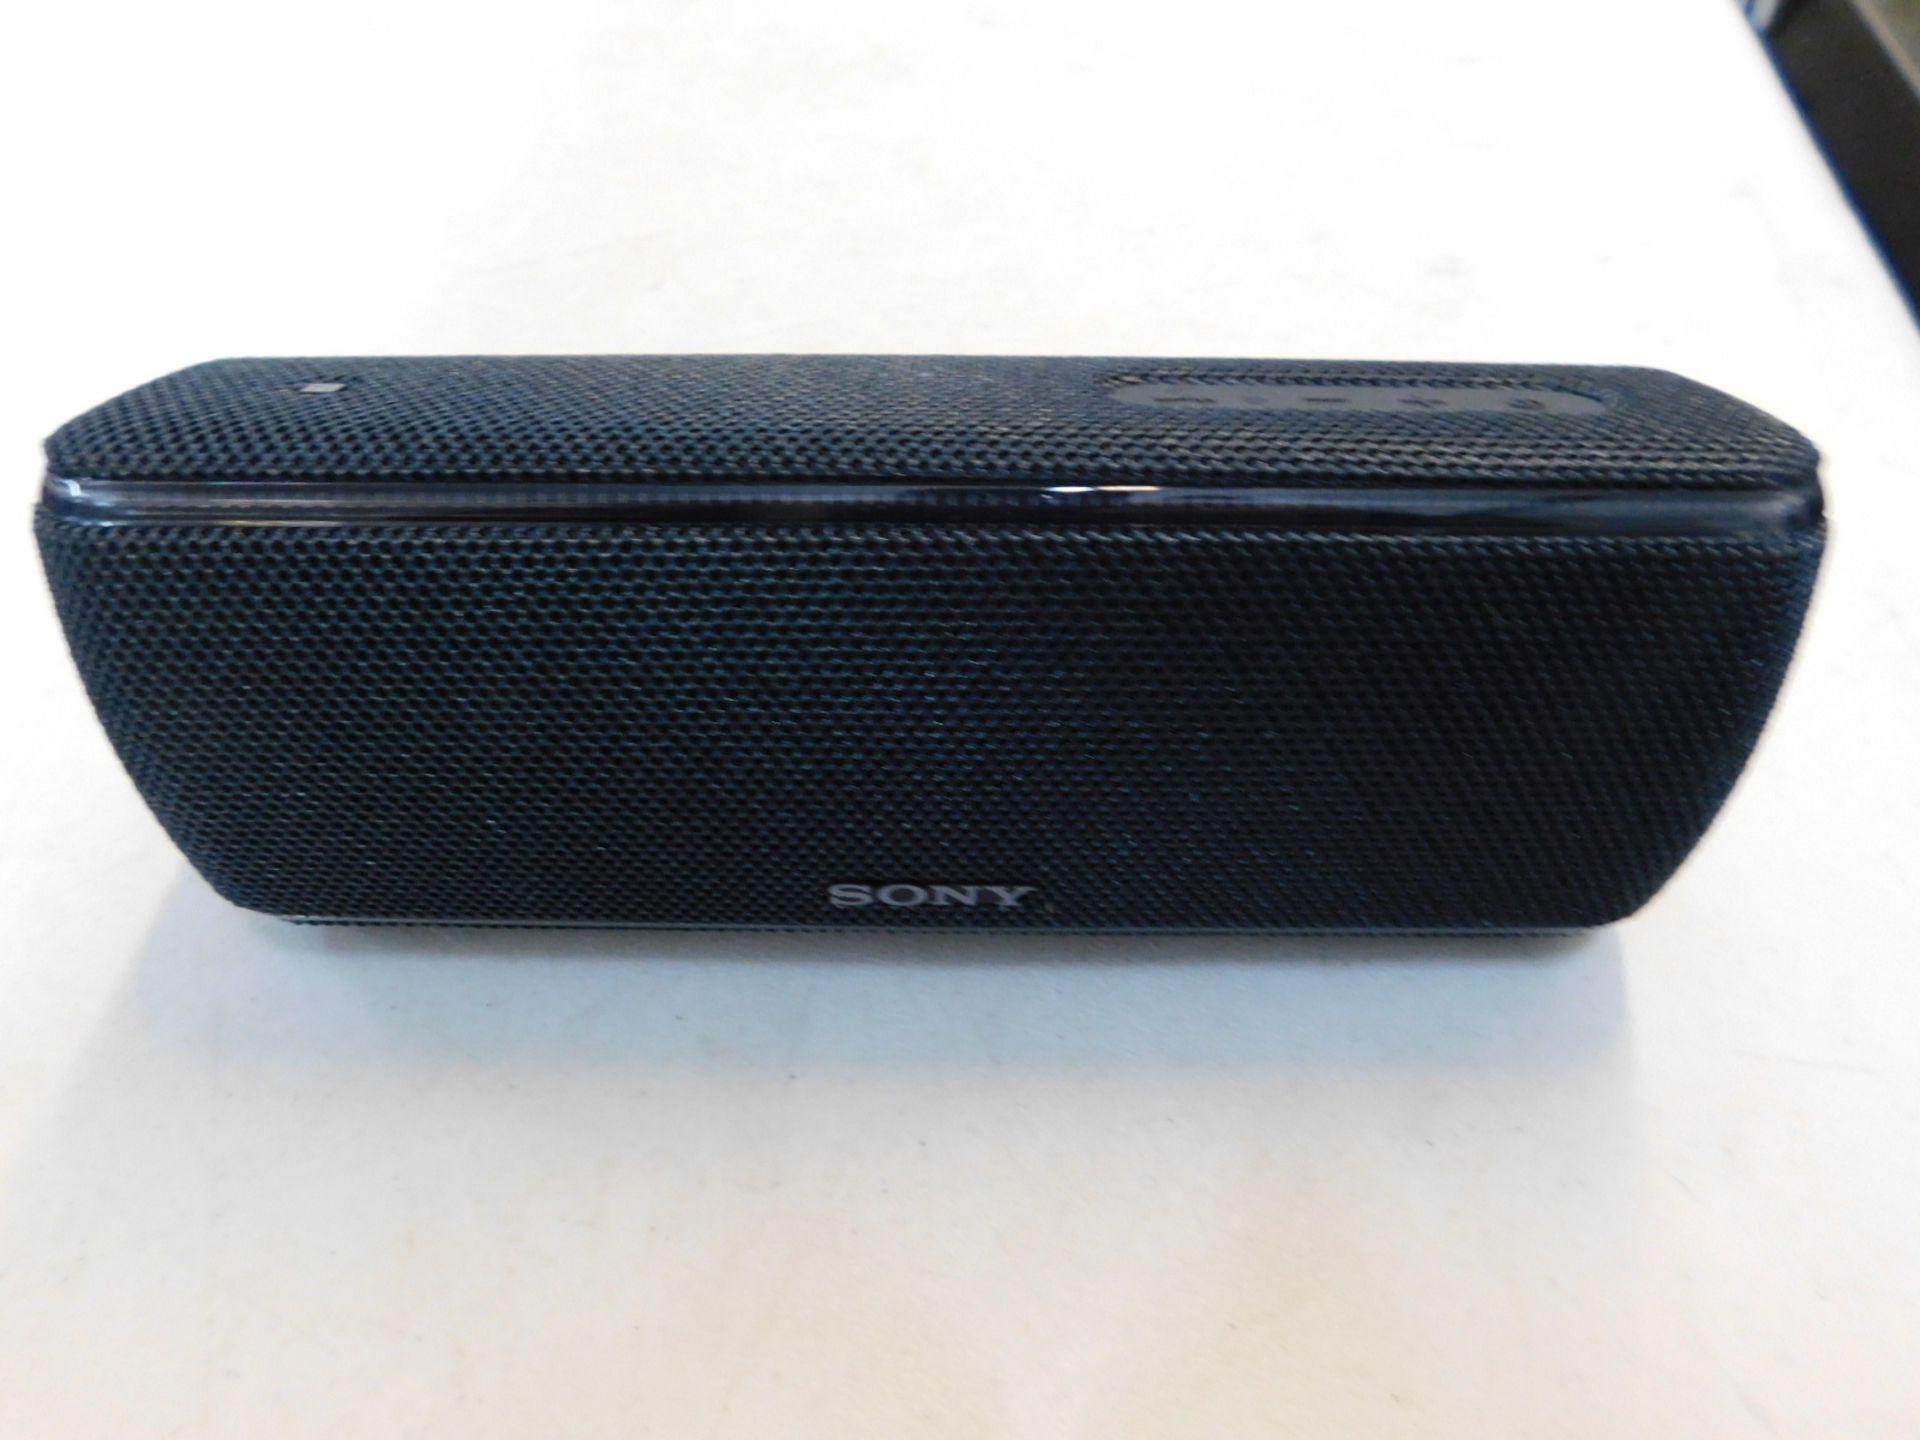 1 SONY SRS-XB31 EXTRA BASS WATERPROOF BLUETOOTH SPEAKER RRP £149.99